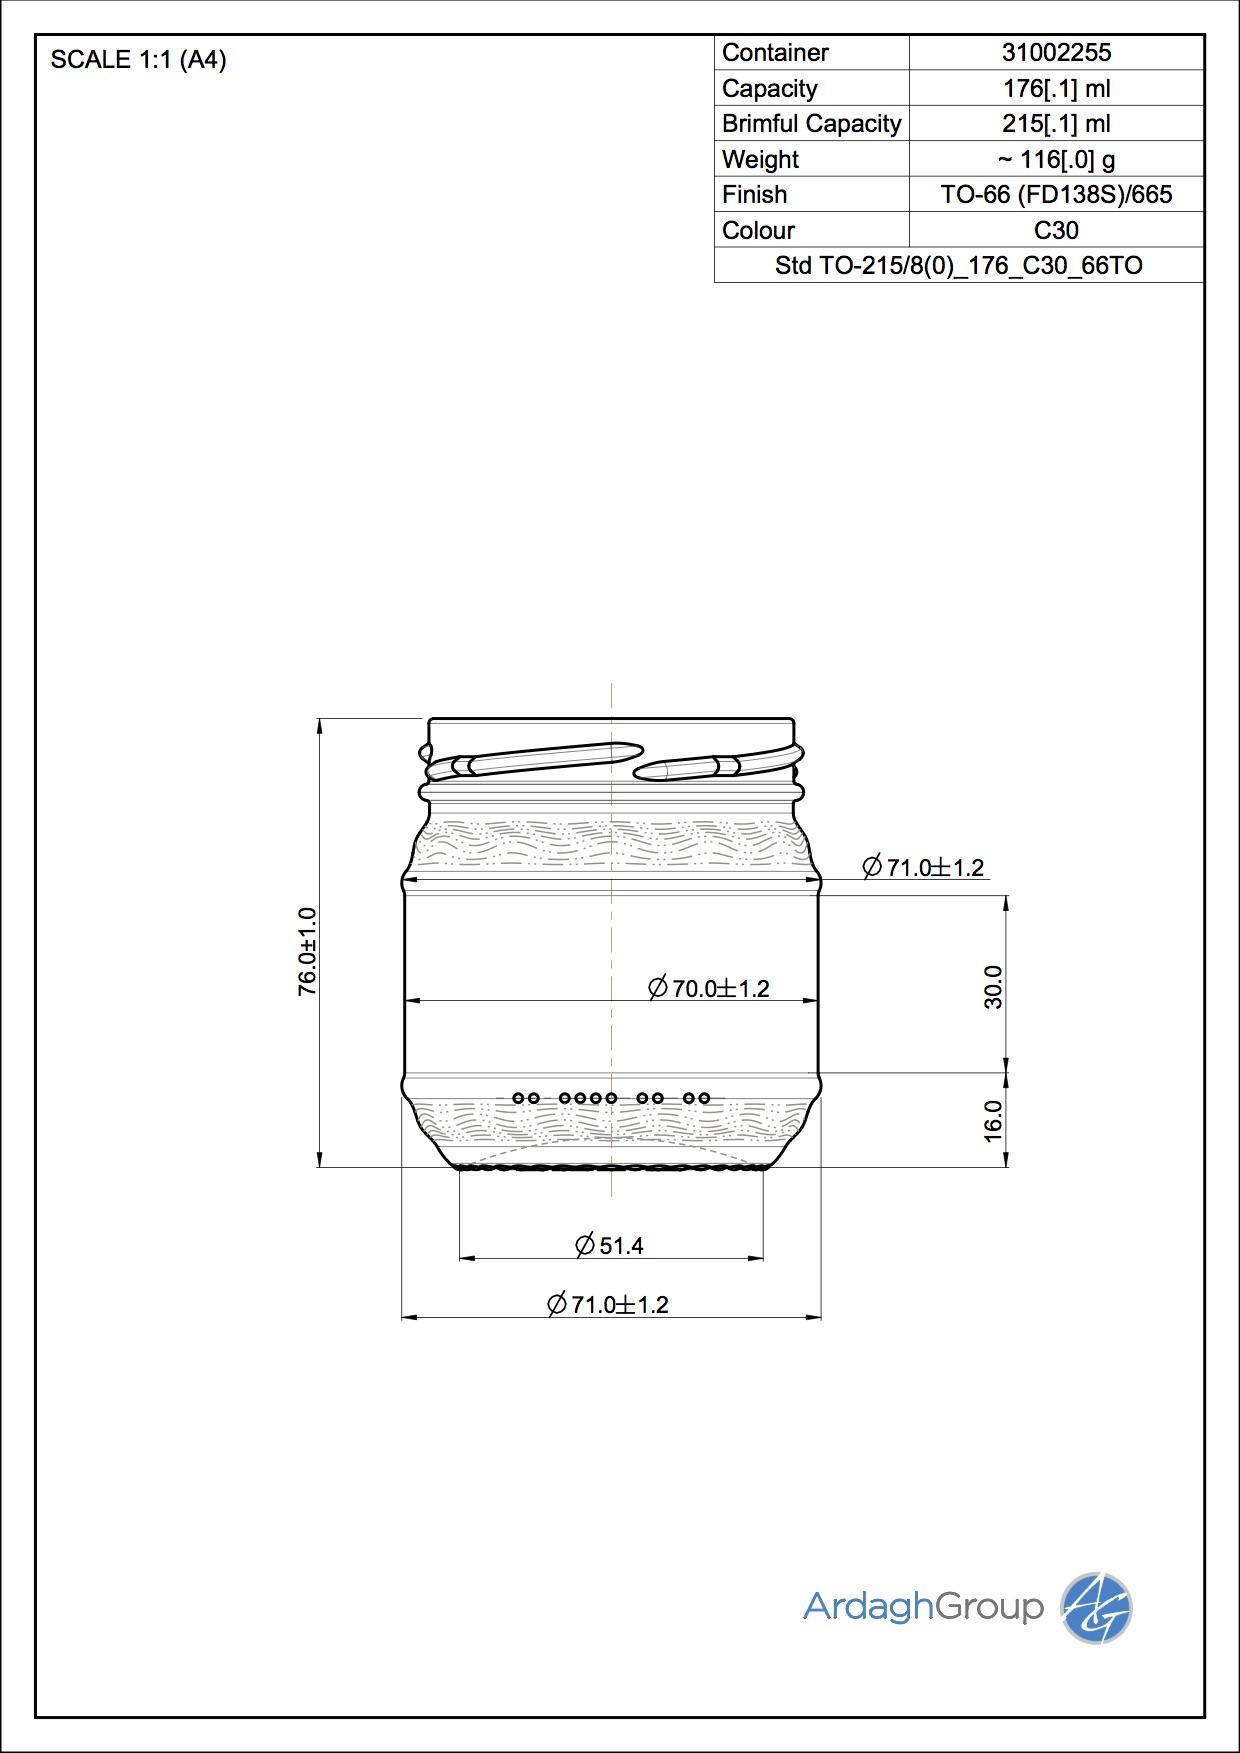 std TO-215/8(0) 176 C30 66TO